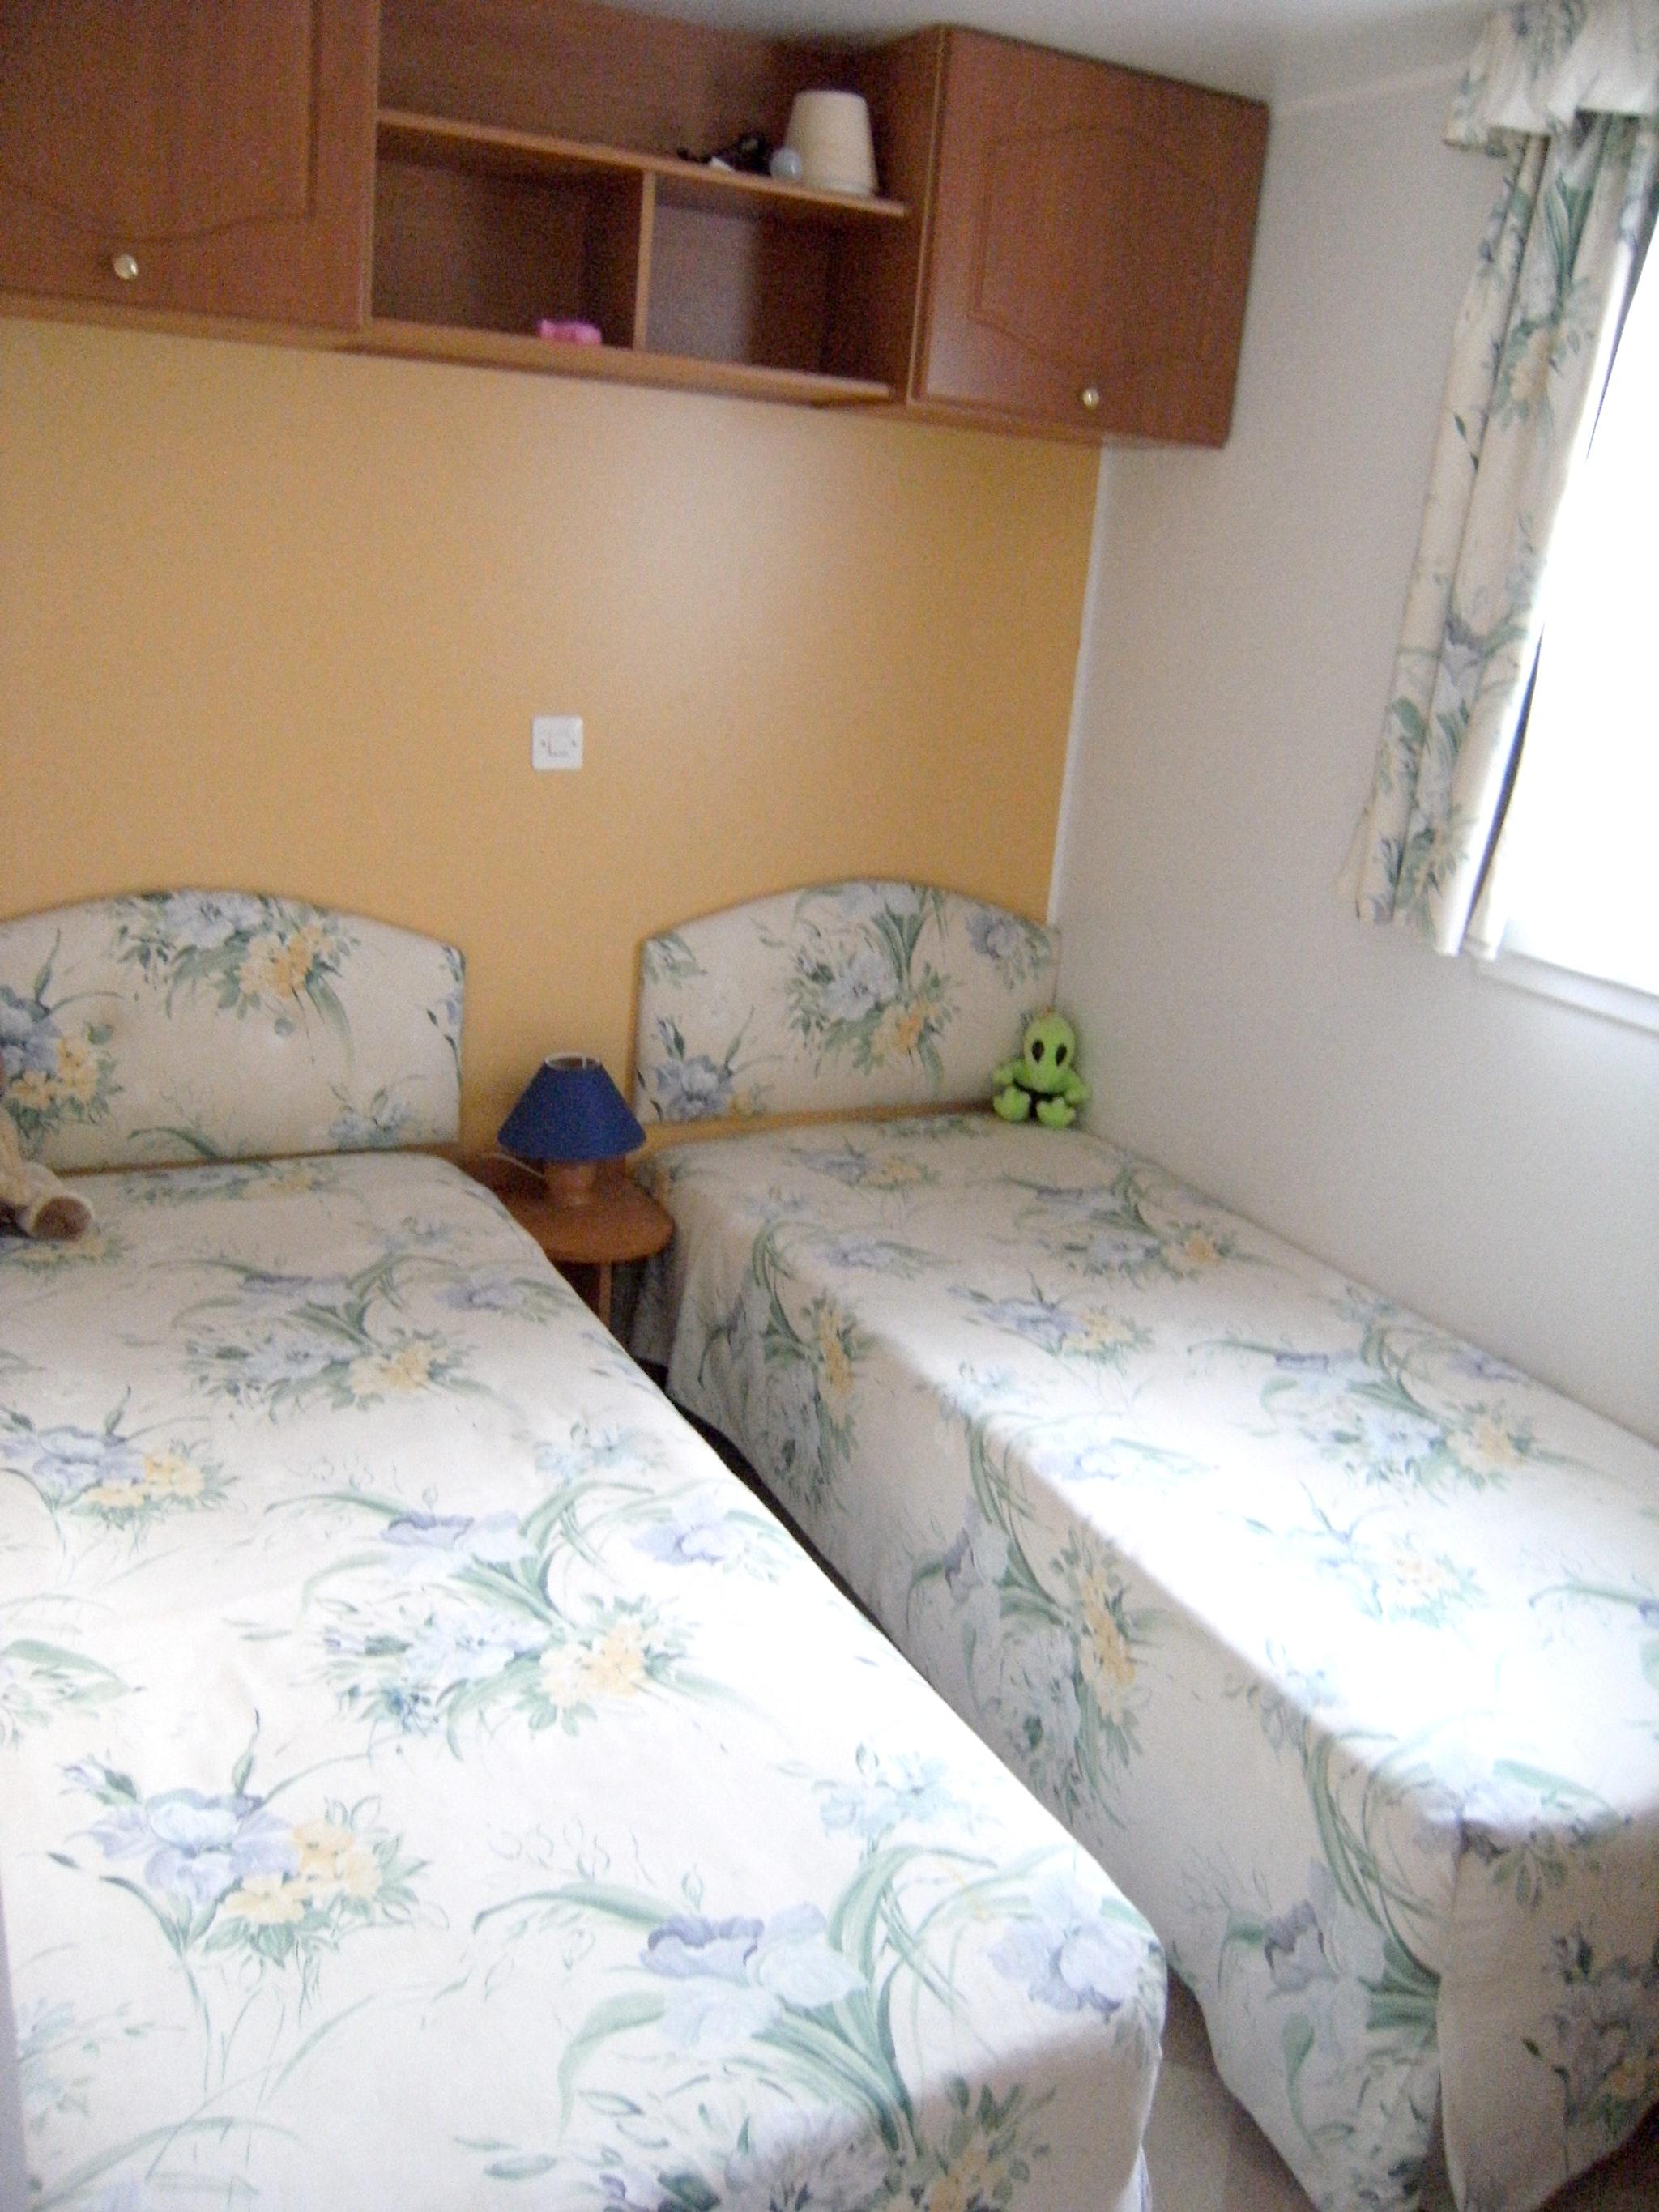 Maison de vacances Immobilie mit 2 Schlafzimmern in La Garde-Freinet mit toller Aussicht auf die Berge und ei (2644811), La Garde Freinet, Côte d'Azur, Provence - Alpes - Côte d'Azur, France, image 4